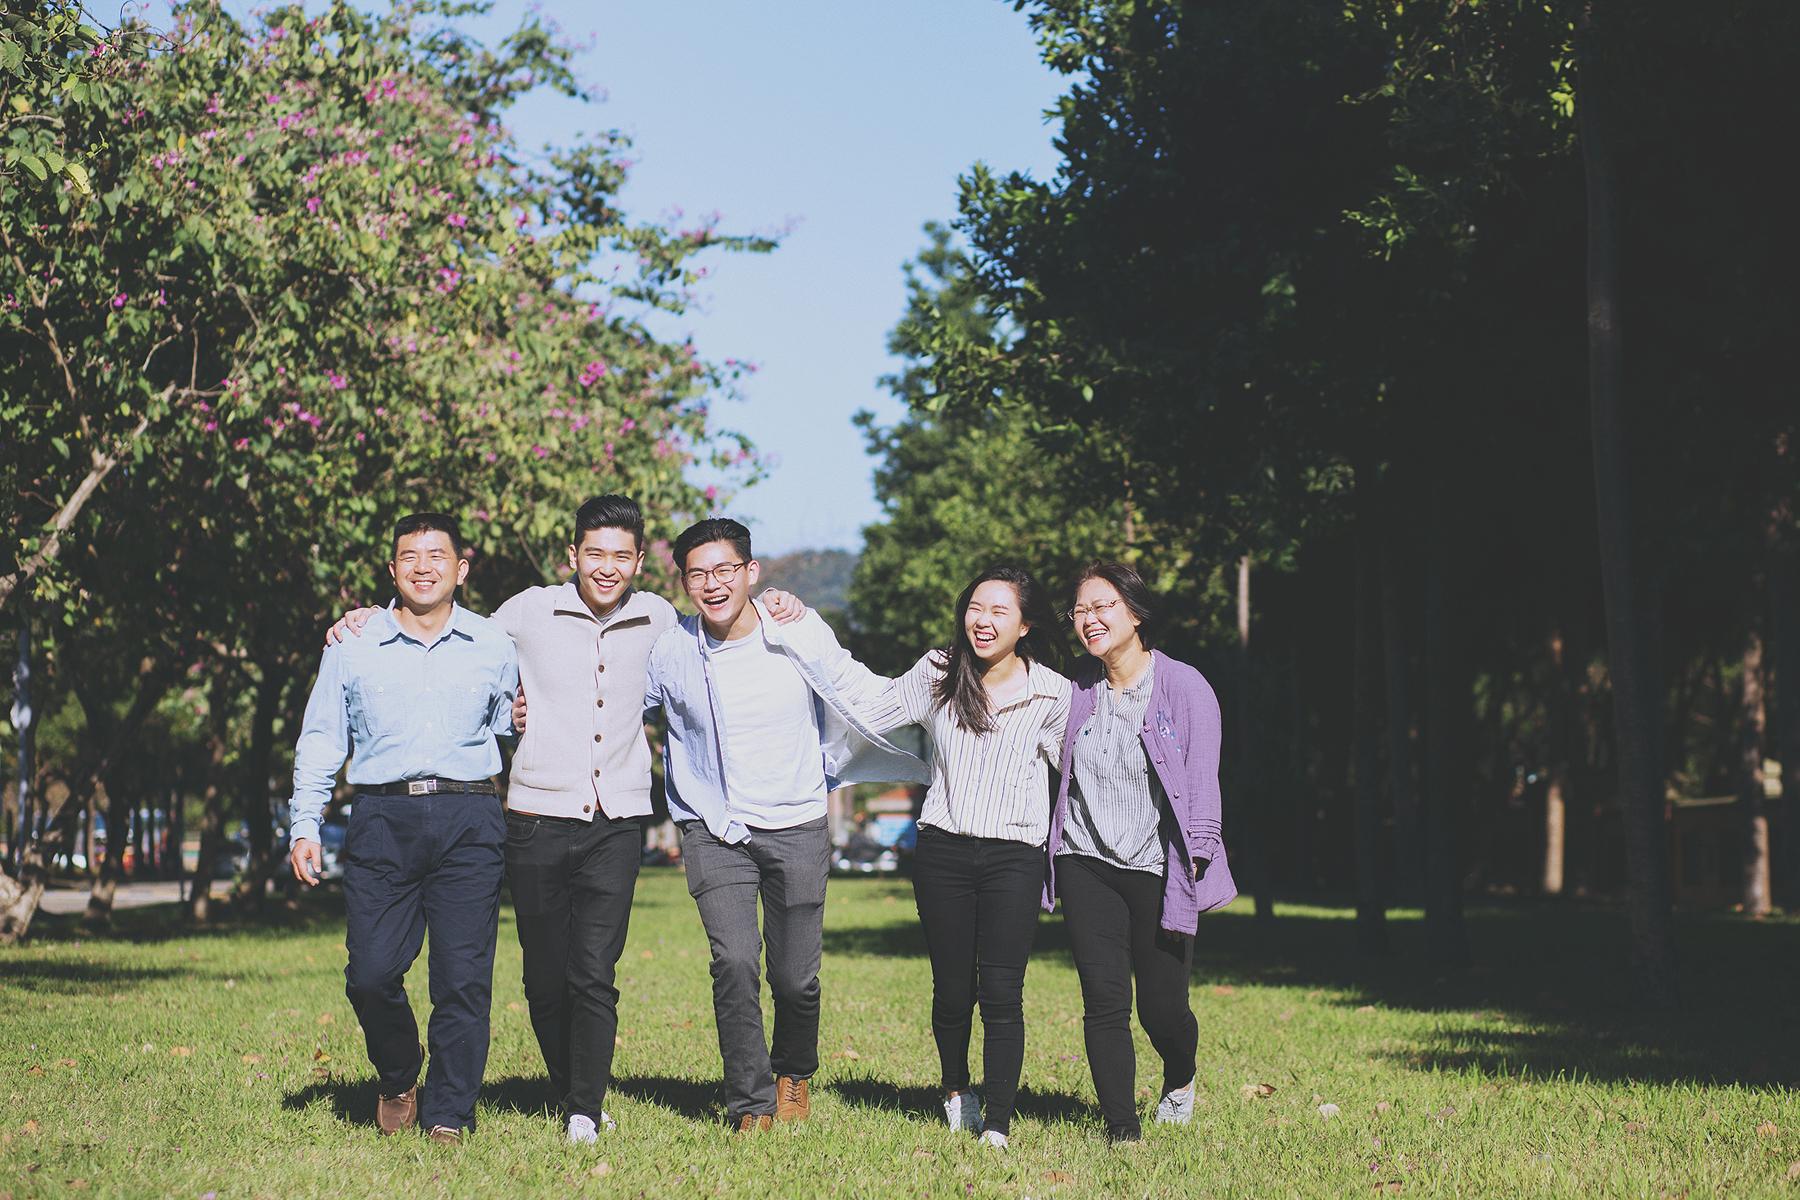 家庭攝影,家庭寫真,全家福照,桃園,台北,新竹,推薦,自然風格,生活風格,居家風格,溫度,情感,台北大學